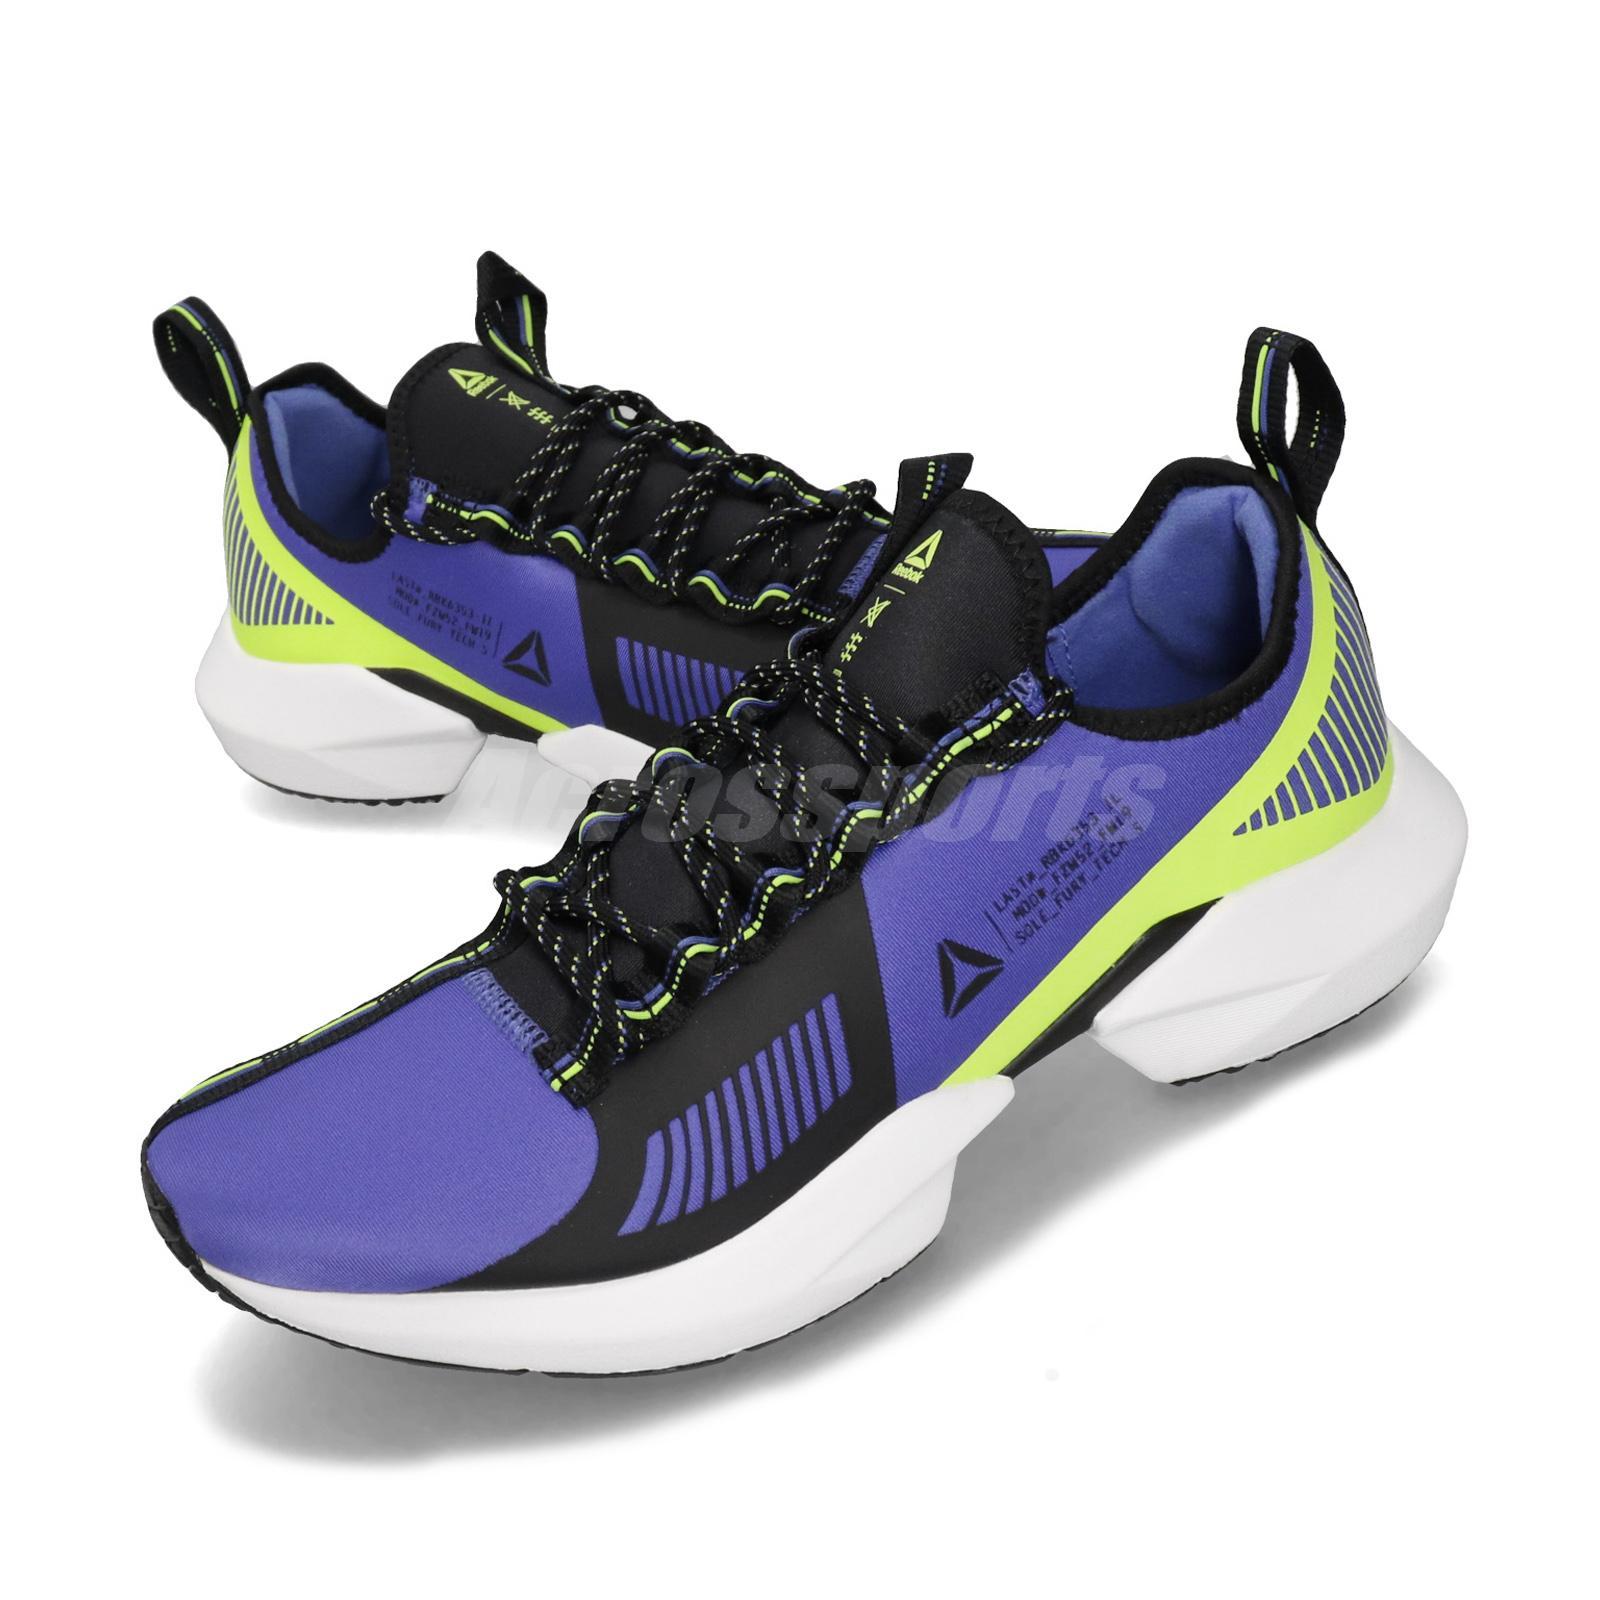 Reebok Sole Fury TS Purple Black Neon